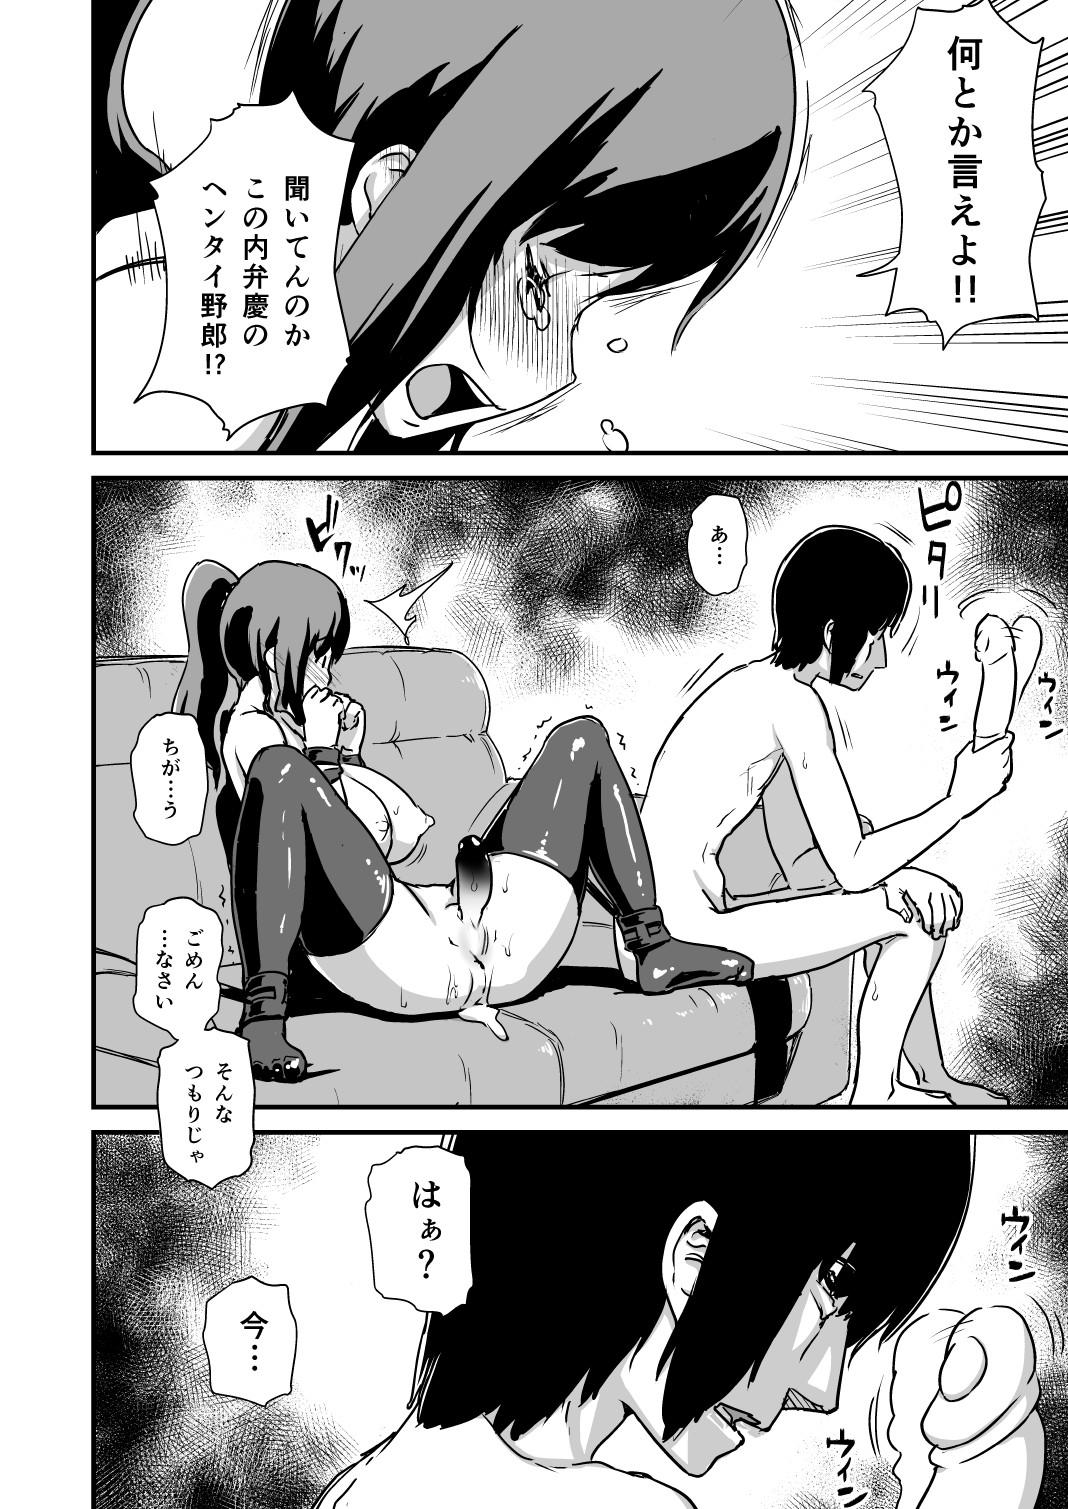 Inkaku Inkei-ka Shoukougun 17